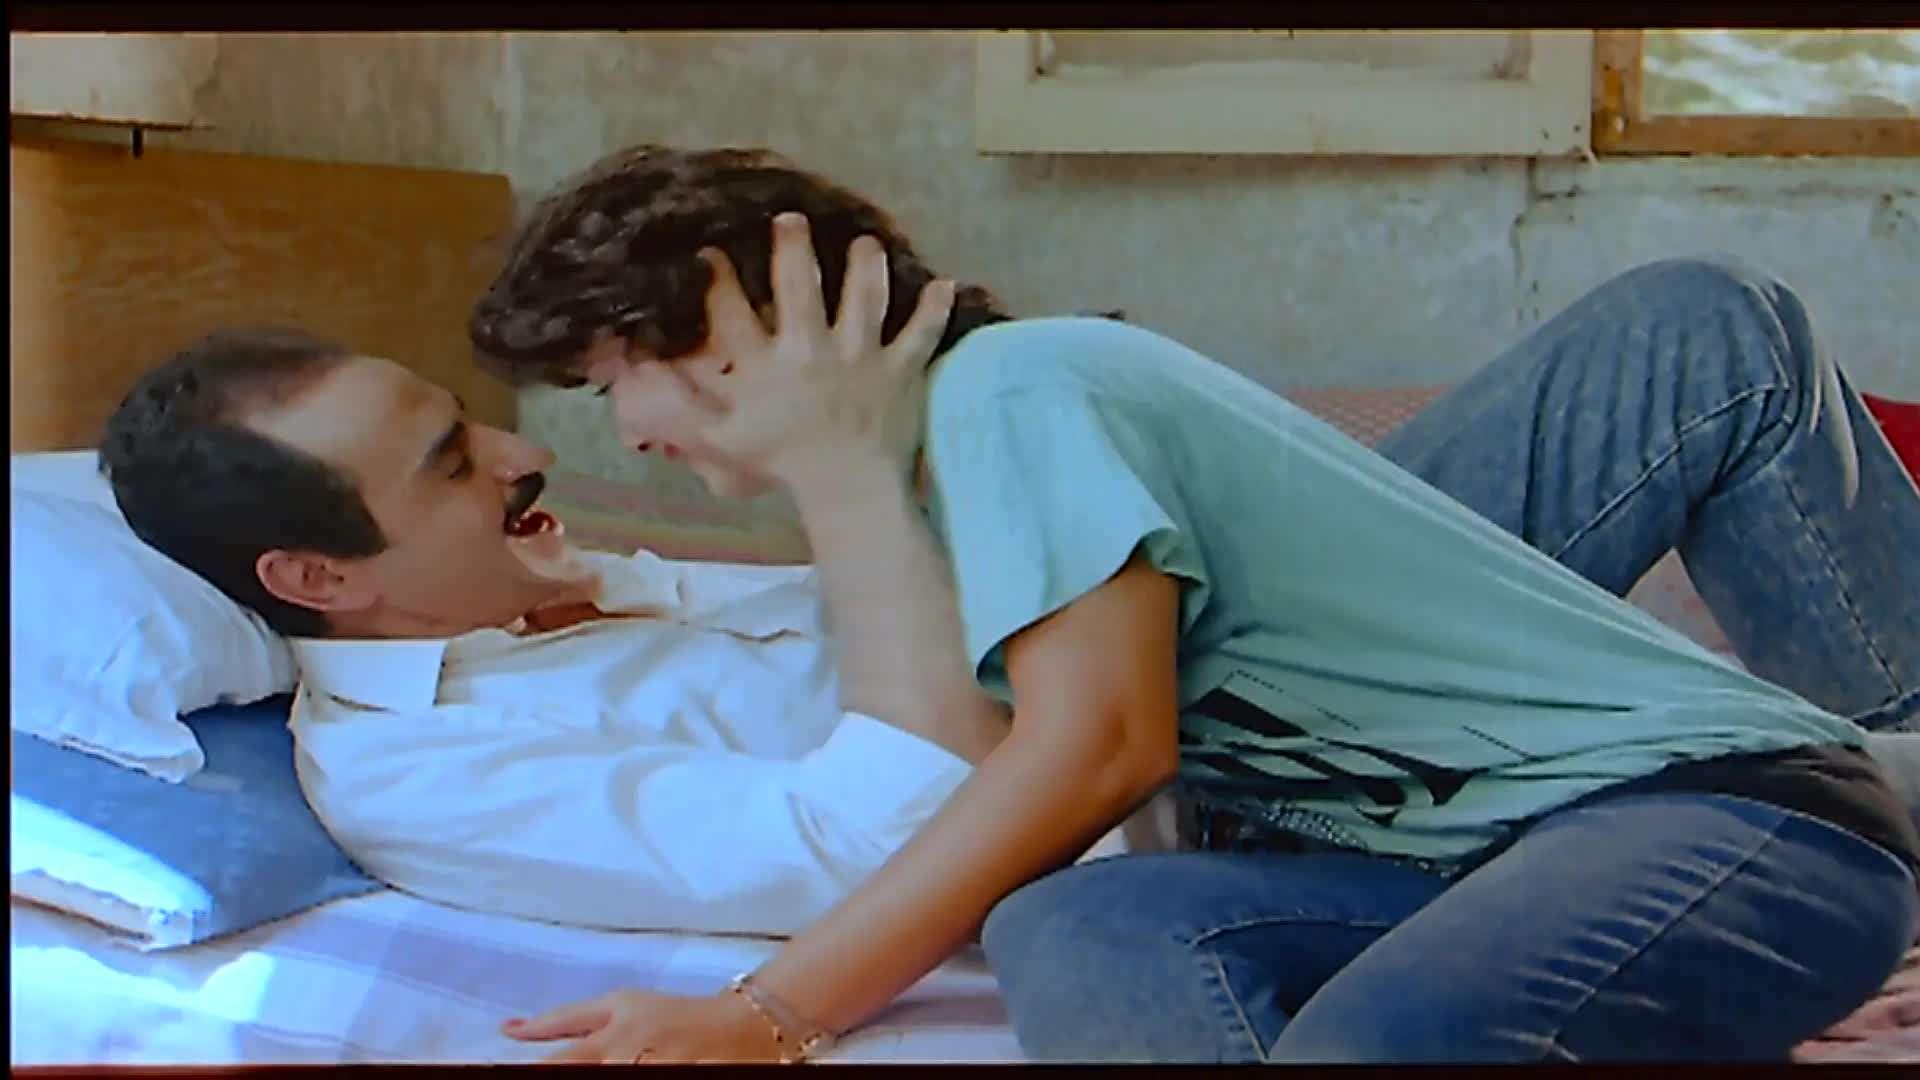 [فيلم][تورنت][تحميل][حنفي الأبهة][1990][1080p][Web-DL] 11 arabp2p.com